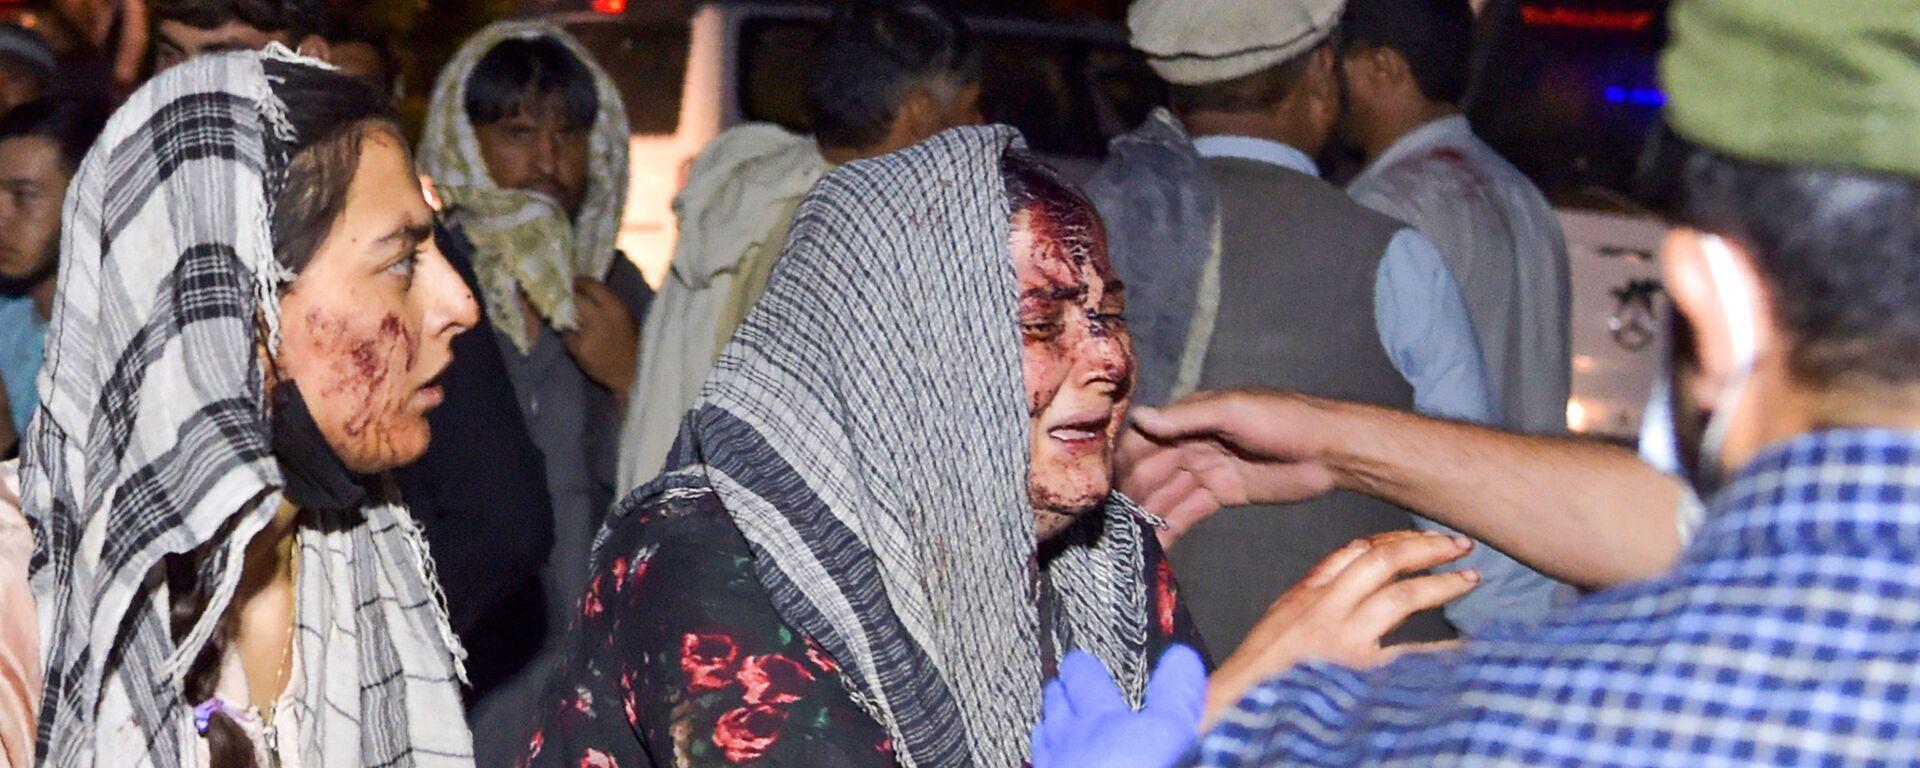 Женщины, раненые в результате двух мощных взрывов, произошедших в Кабуле - Sputnik Таджикистан, 1920, 31.08.2021